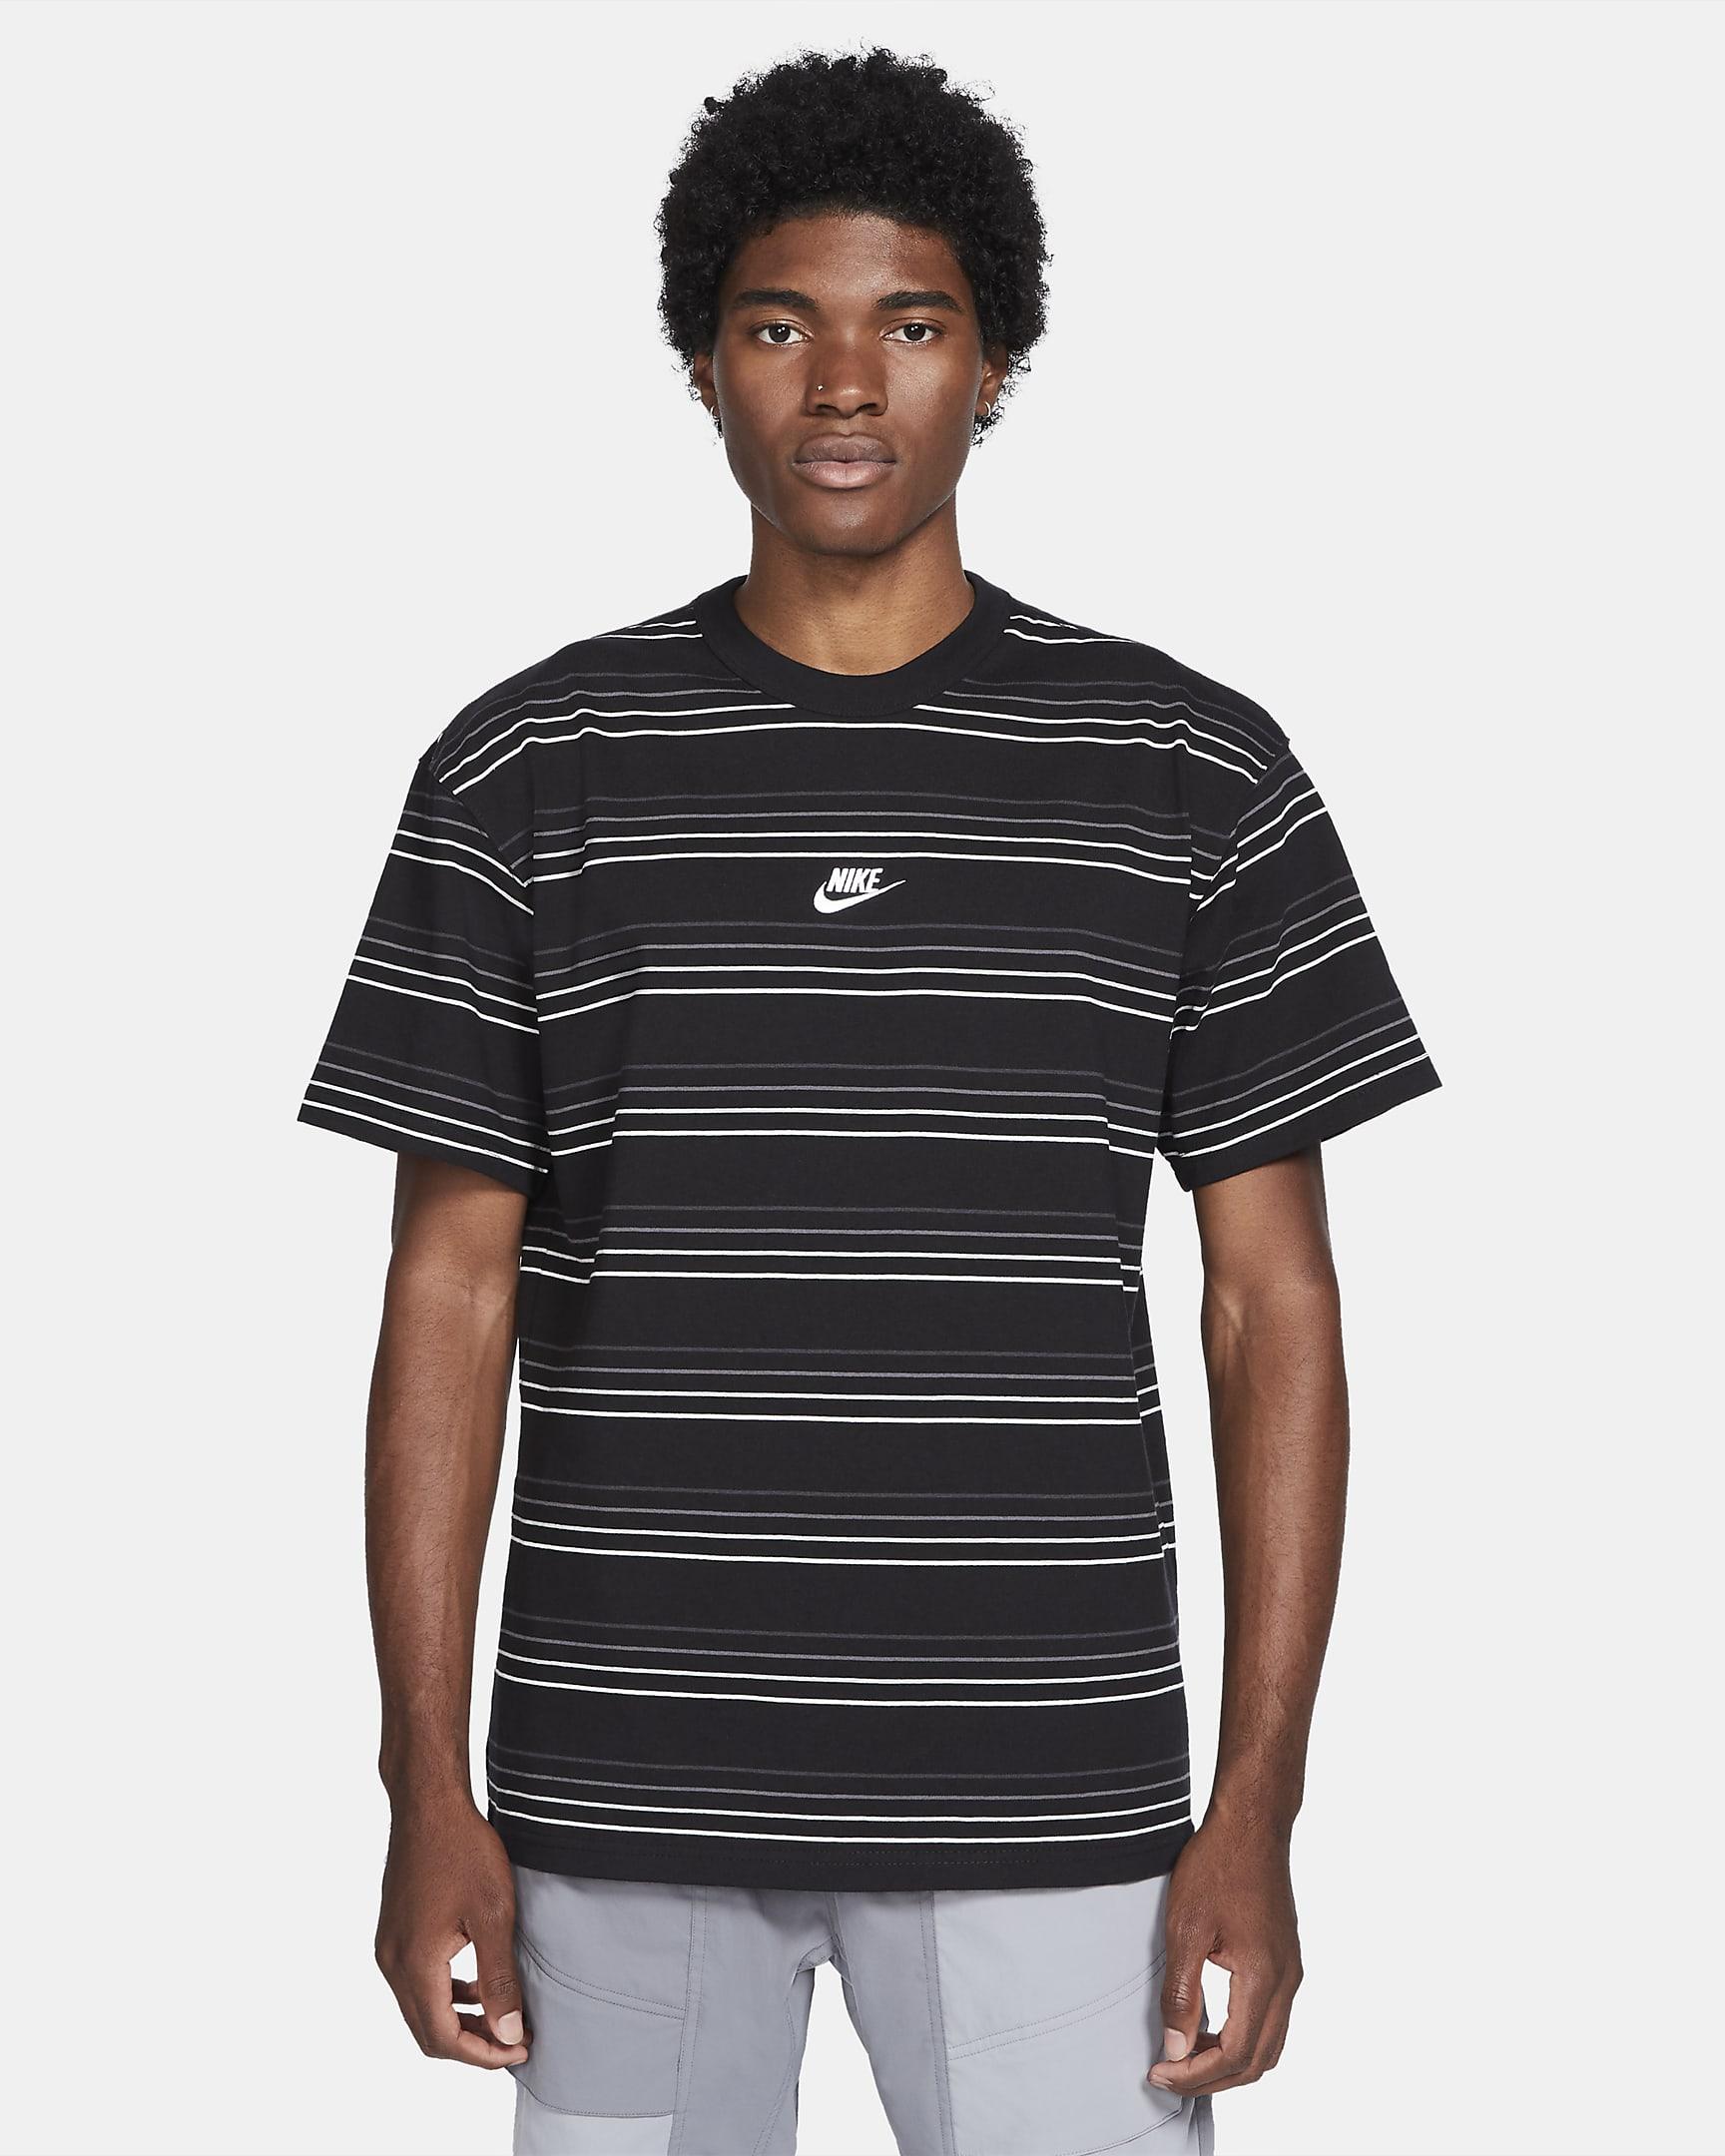 sportswear-premium-essentials-mens-t-shirt-XqwkGW-6